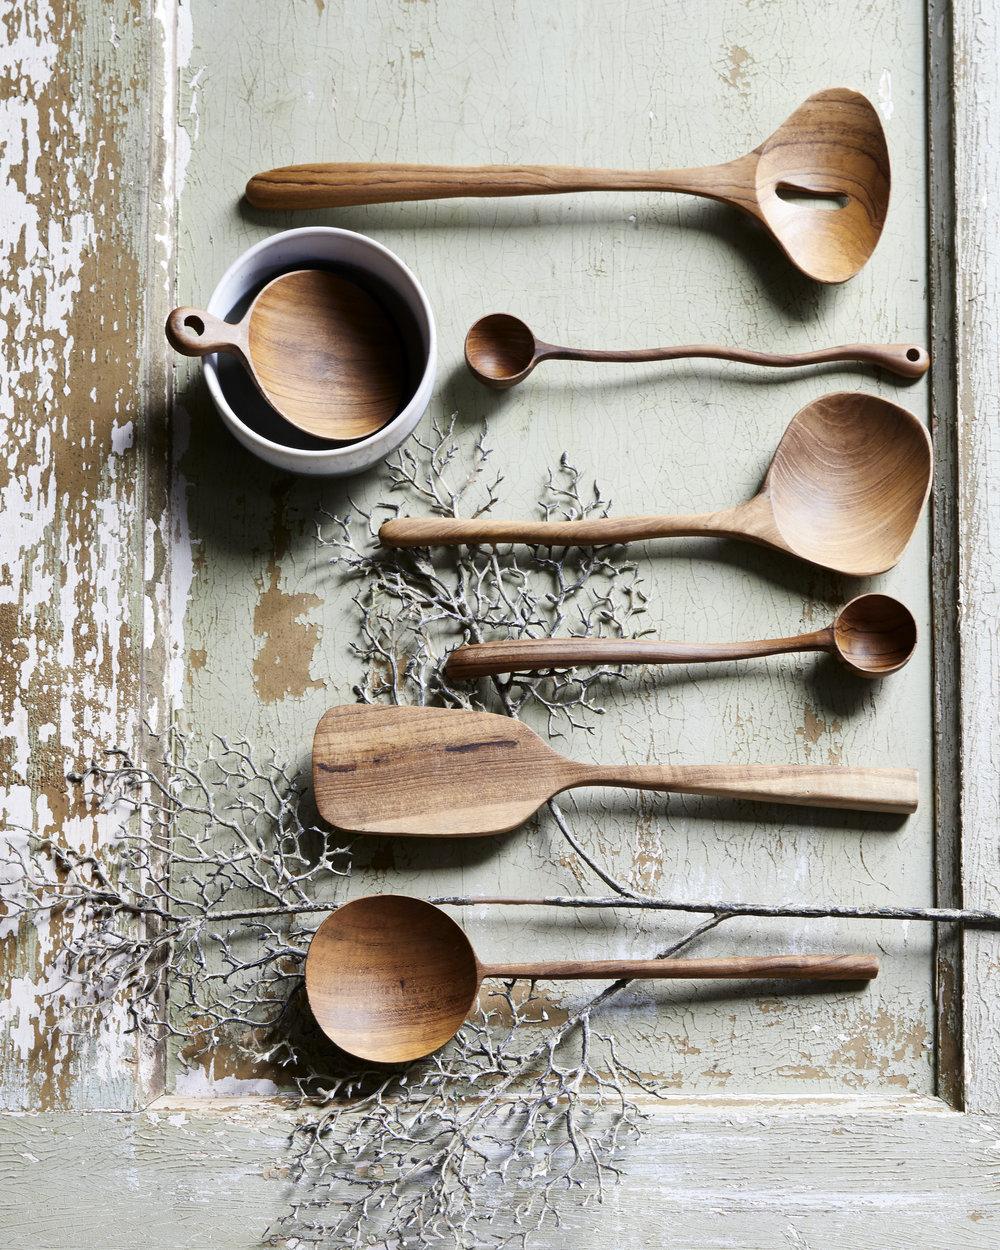 hk-living-teak-spoons.jpg